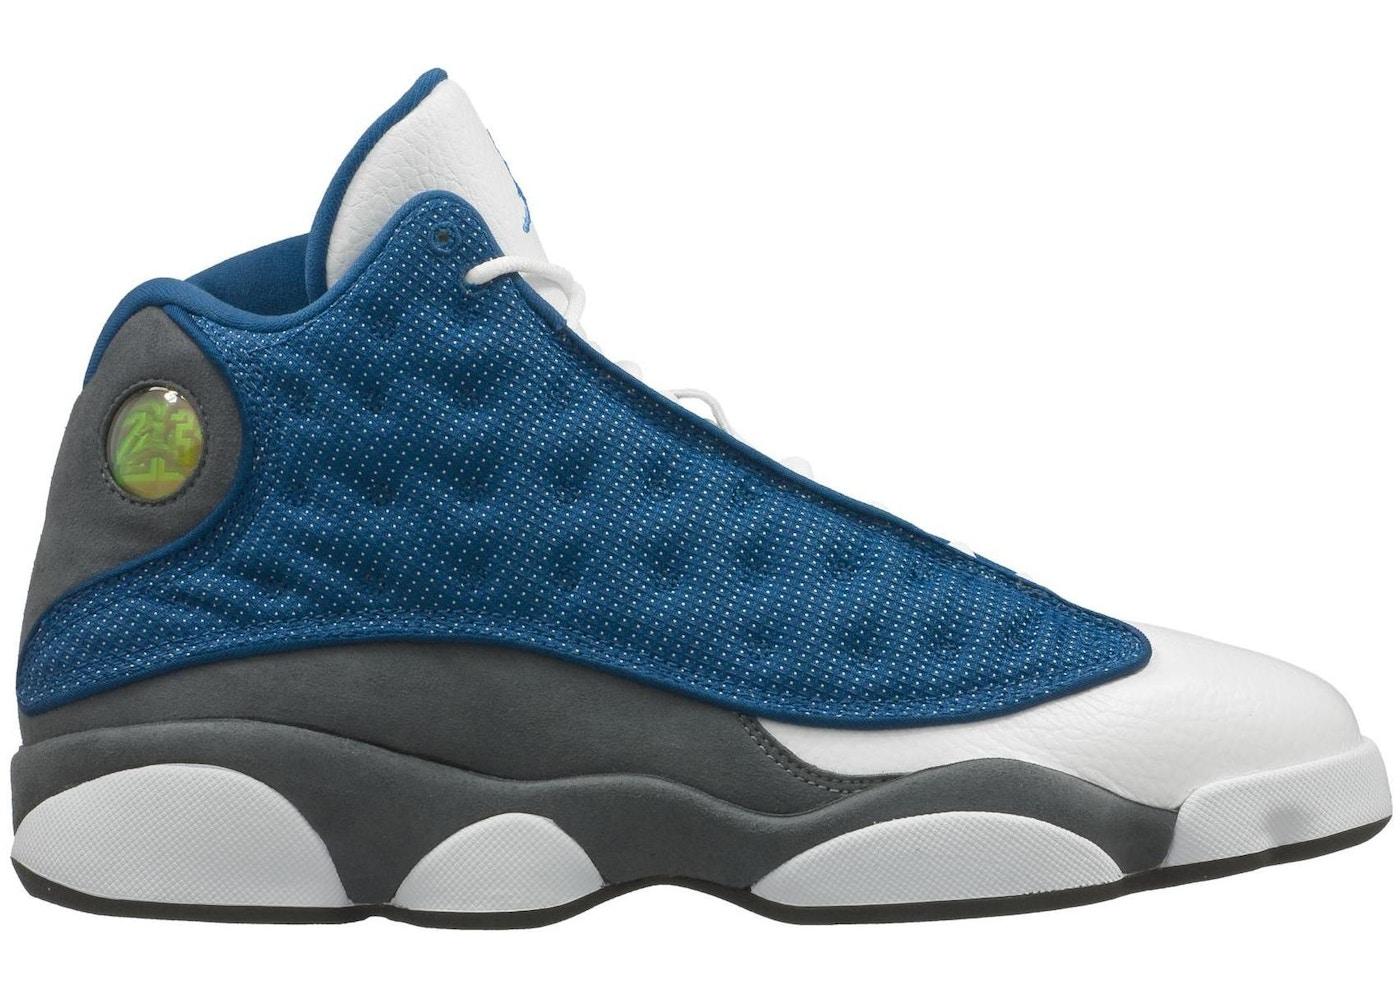 4684a1e7d470f4 Jordan 13 Retro Flint (2010) - 414571-401